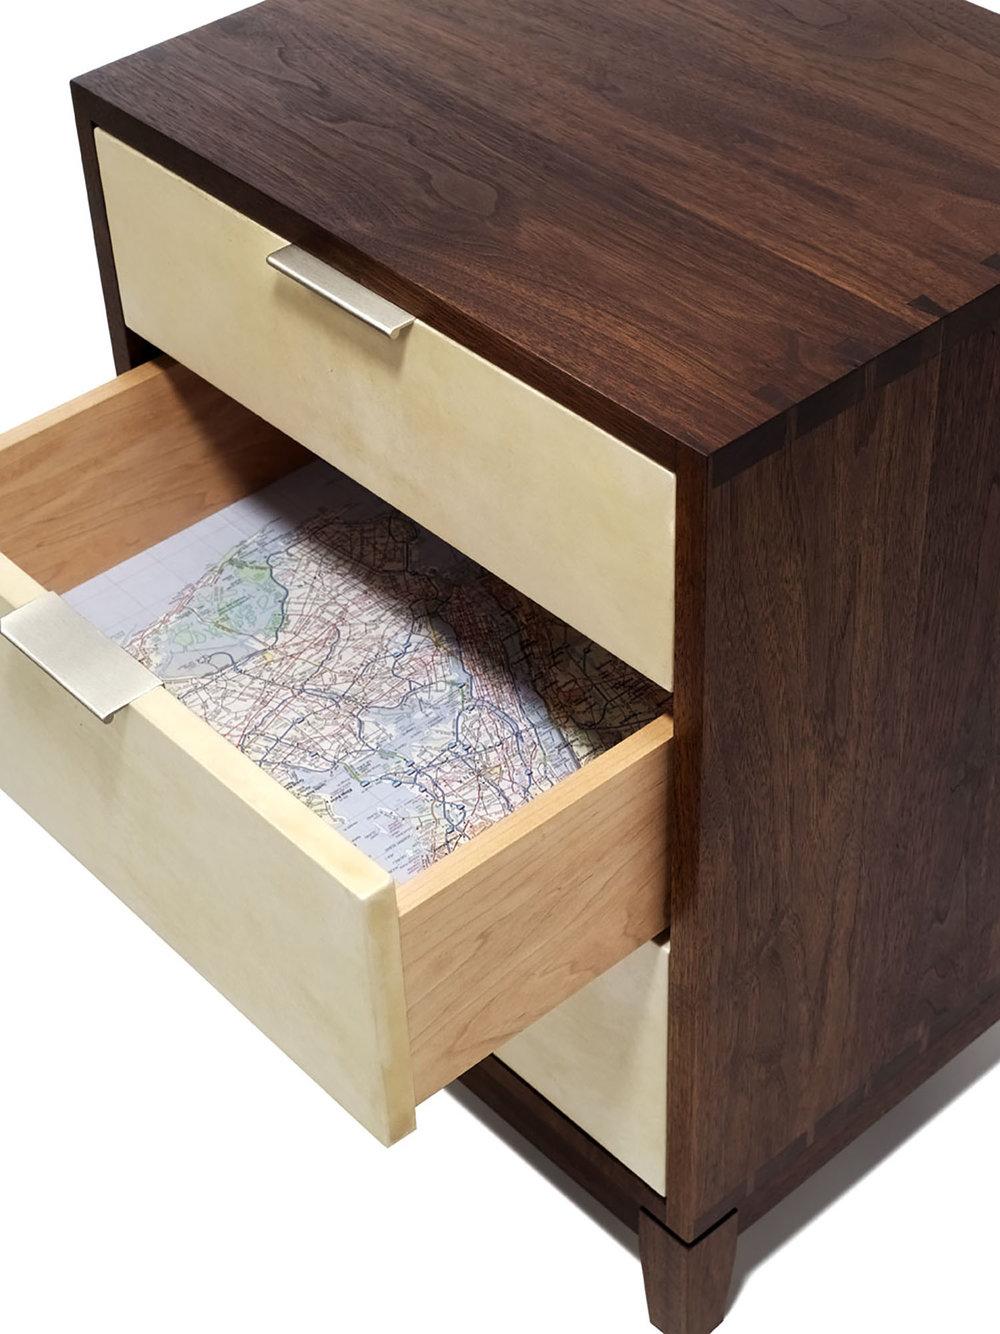 Phaedra_Nightstand drawer detail.jpg